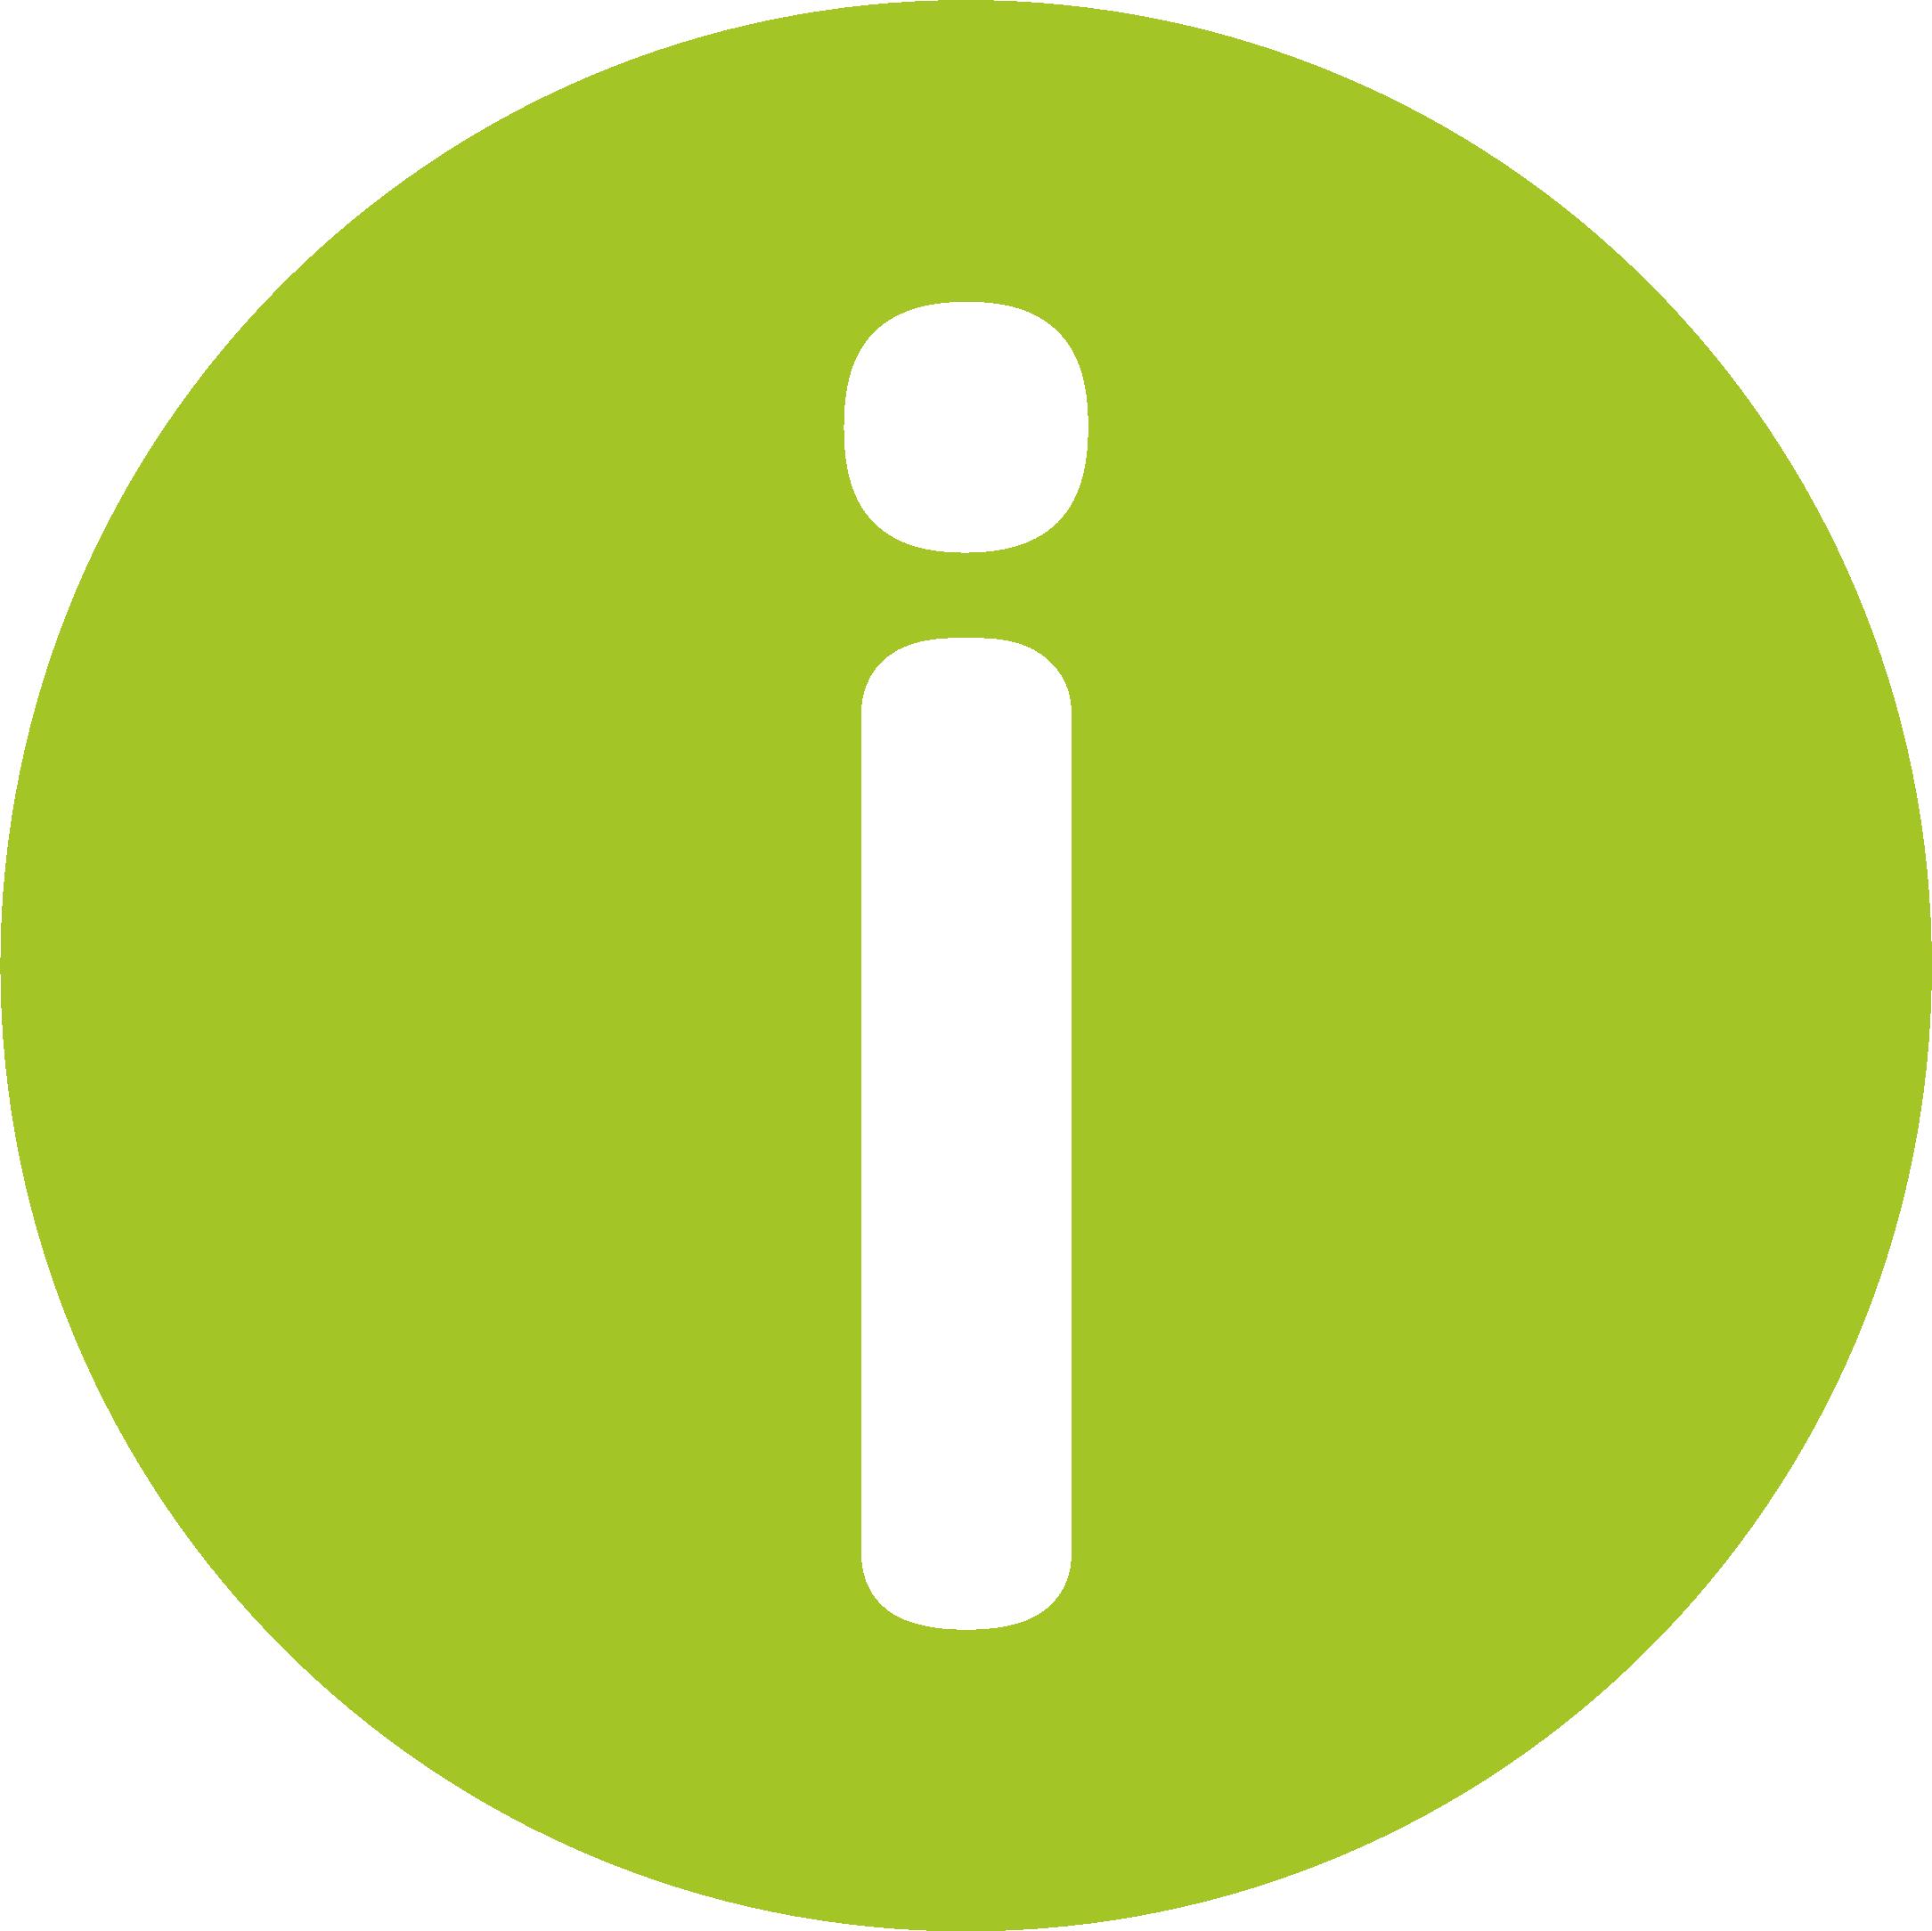 Sie erhalten ein Angebot zum angefragten Ger&auml;t per Email.<br />Mit Eingang eines unterschriebenen Angebots<br />bei der MTS Medizintechnik wird Ihnen das Ger&auml;t<br />verbindlich reserviert.